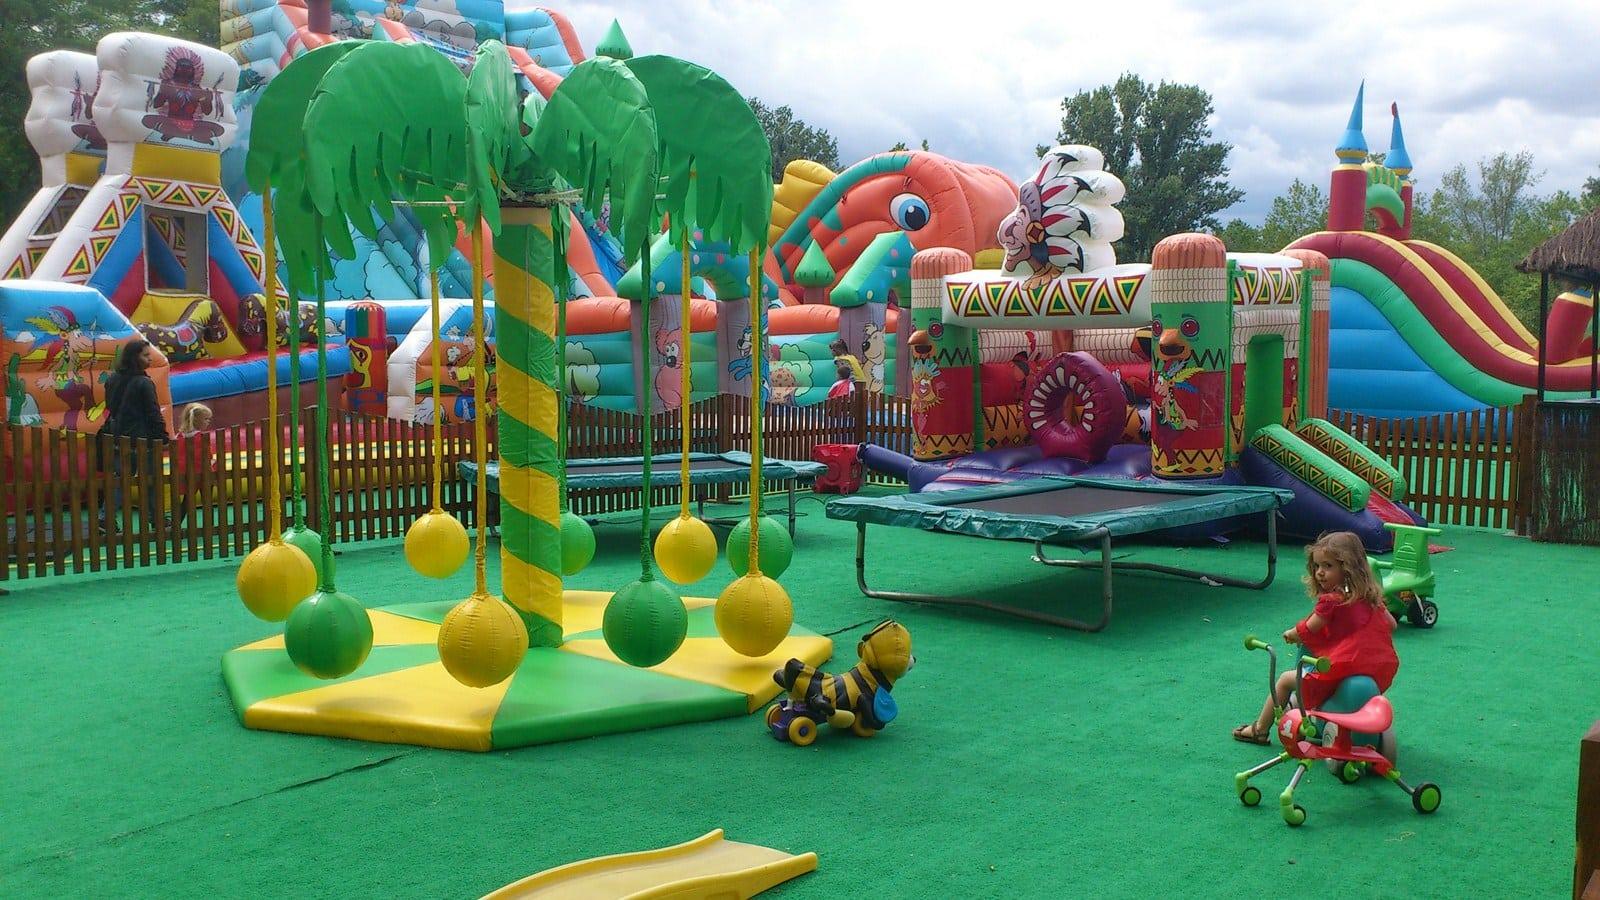 Les parcs de jeux et de loisir pour enfant : la tendance du moment